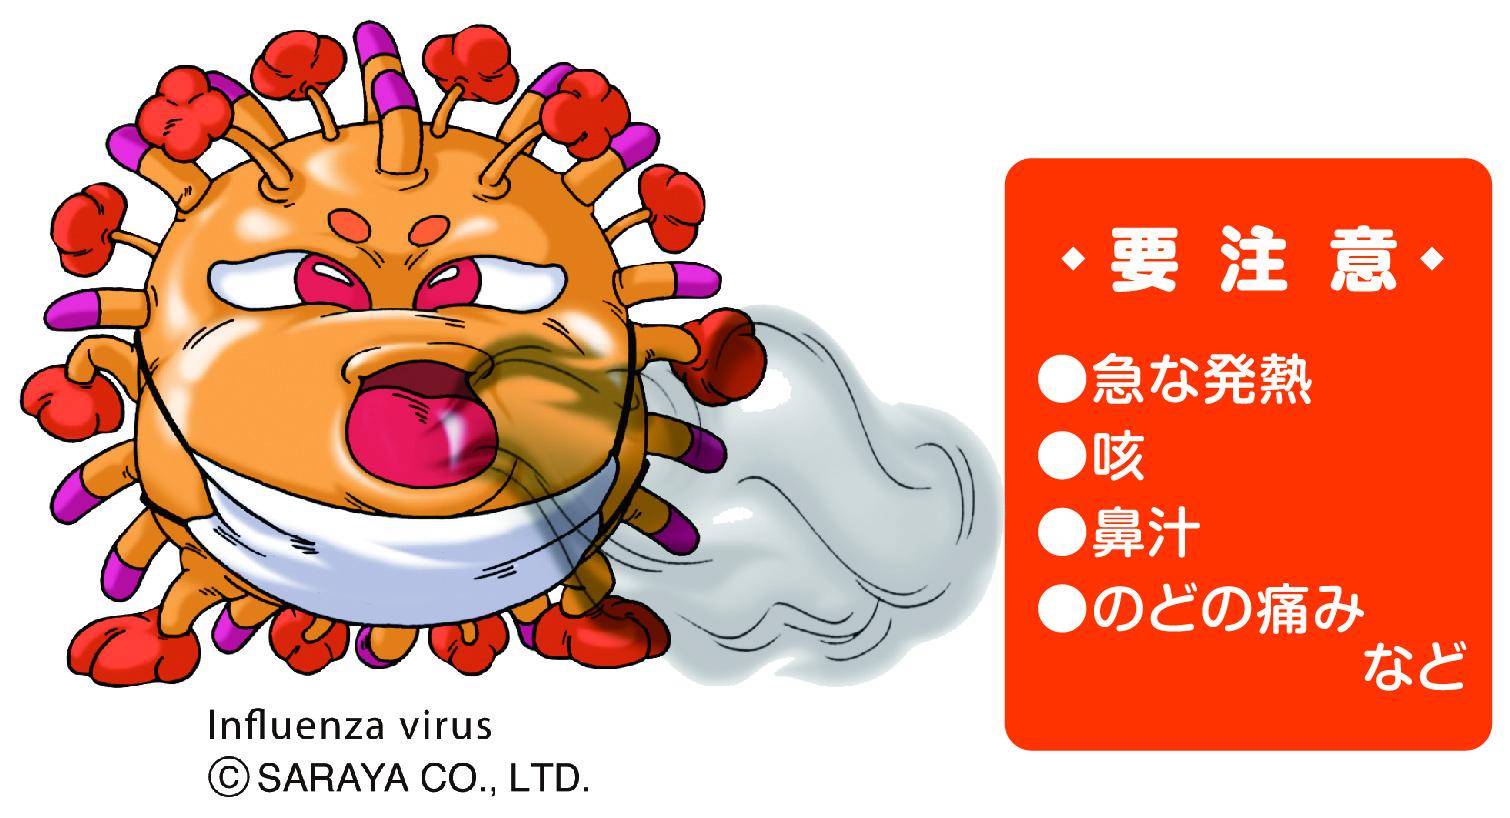 インフルエンザ 潜伏 期間 感染